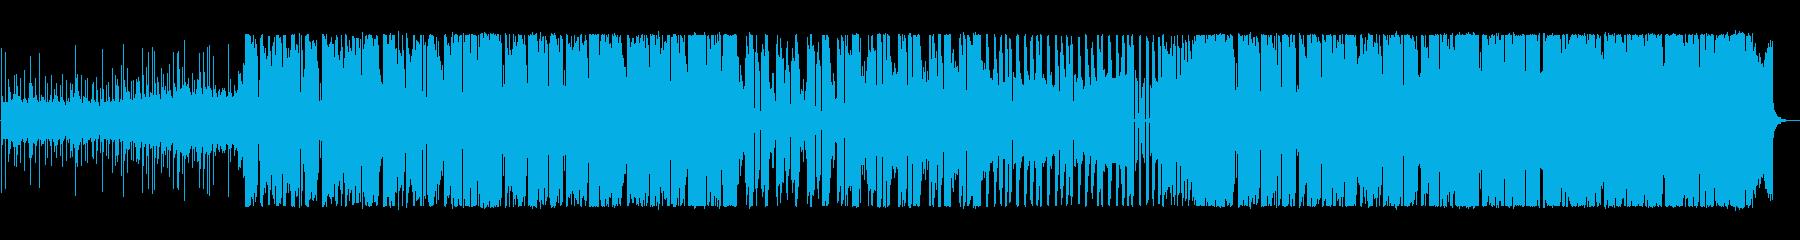 低音がかっこいいEDMの再生済みの波形